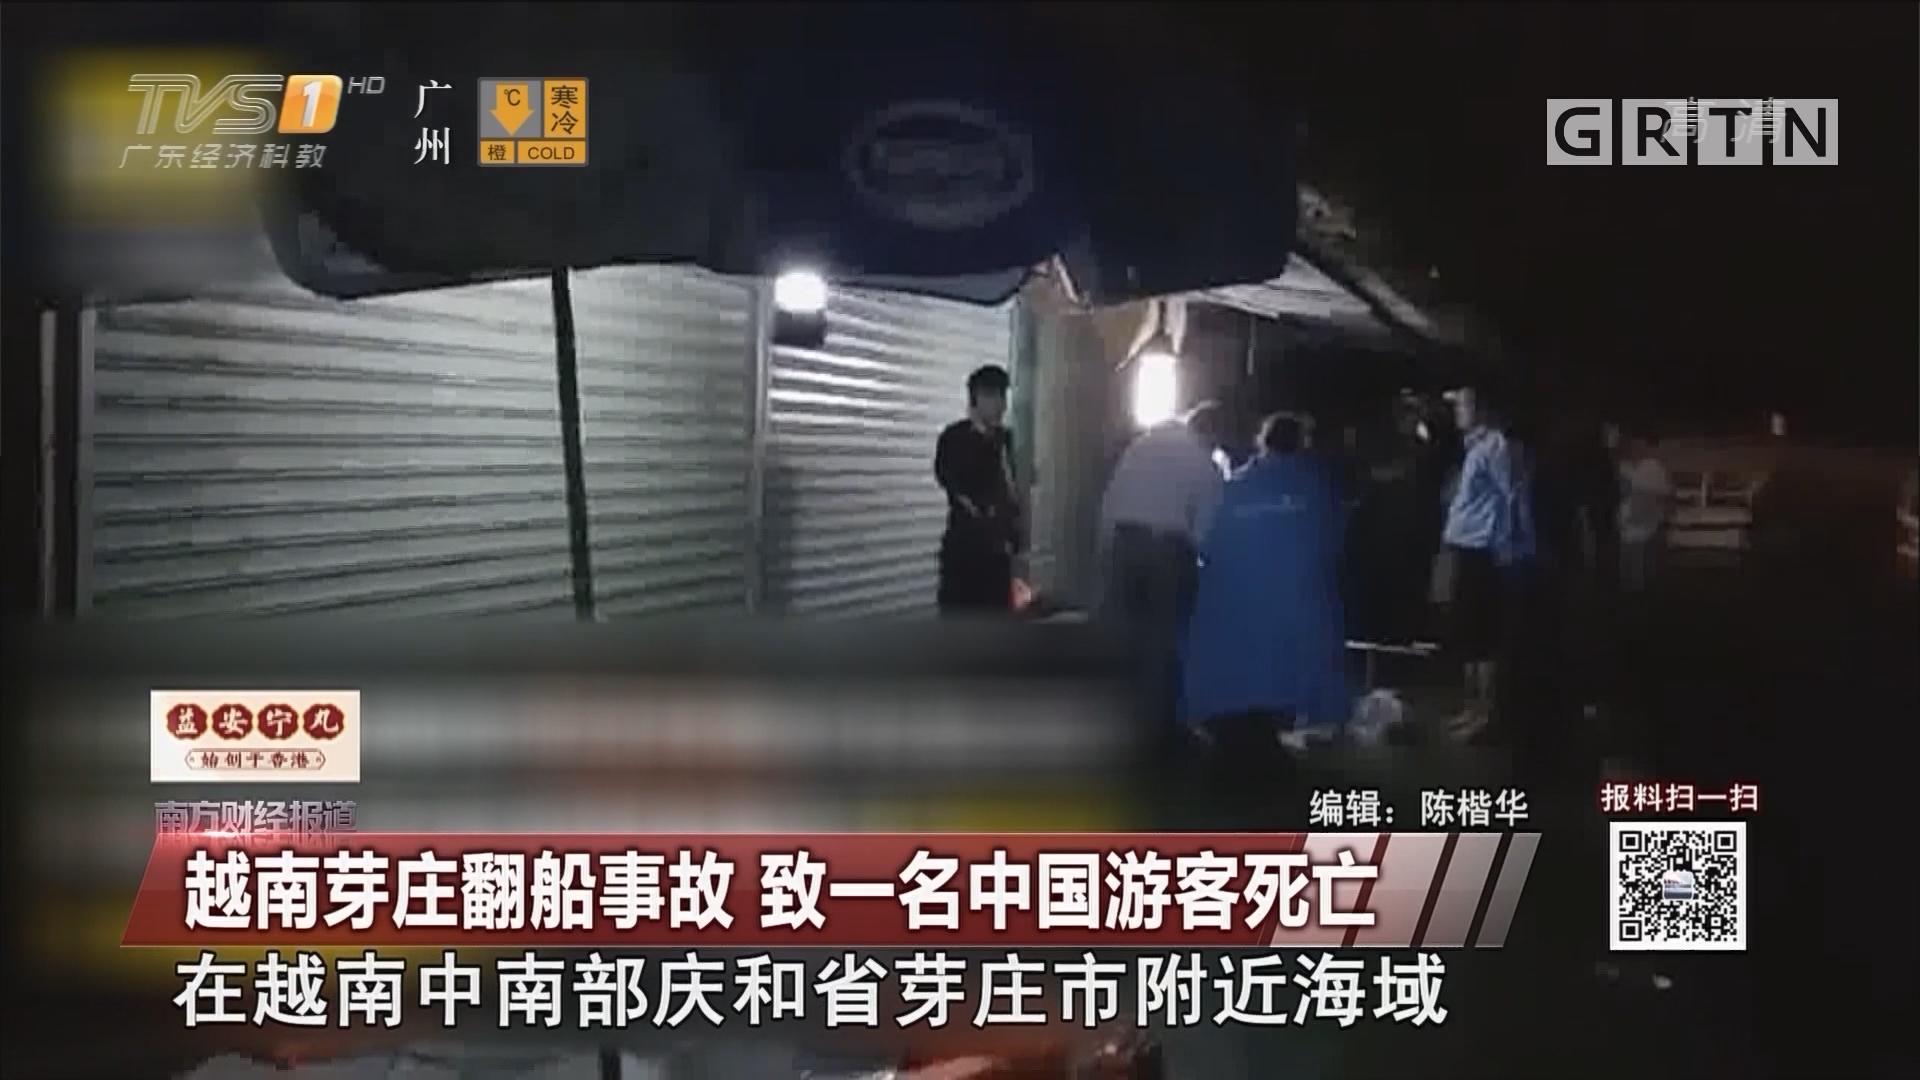 越南芽庄翻船事故 致一名中国游客死亡